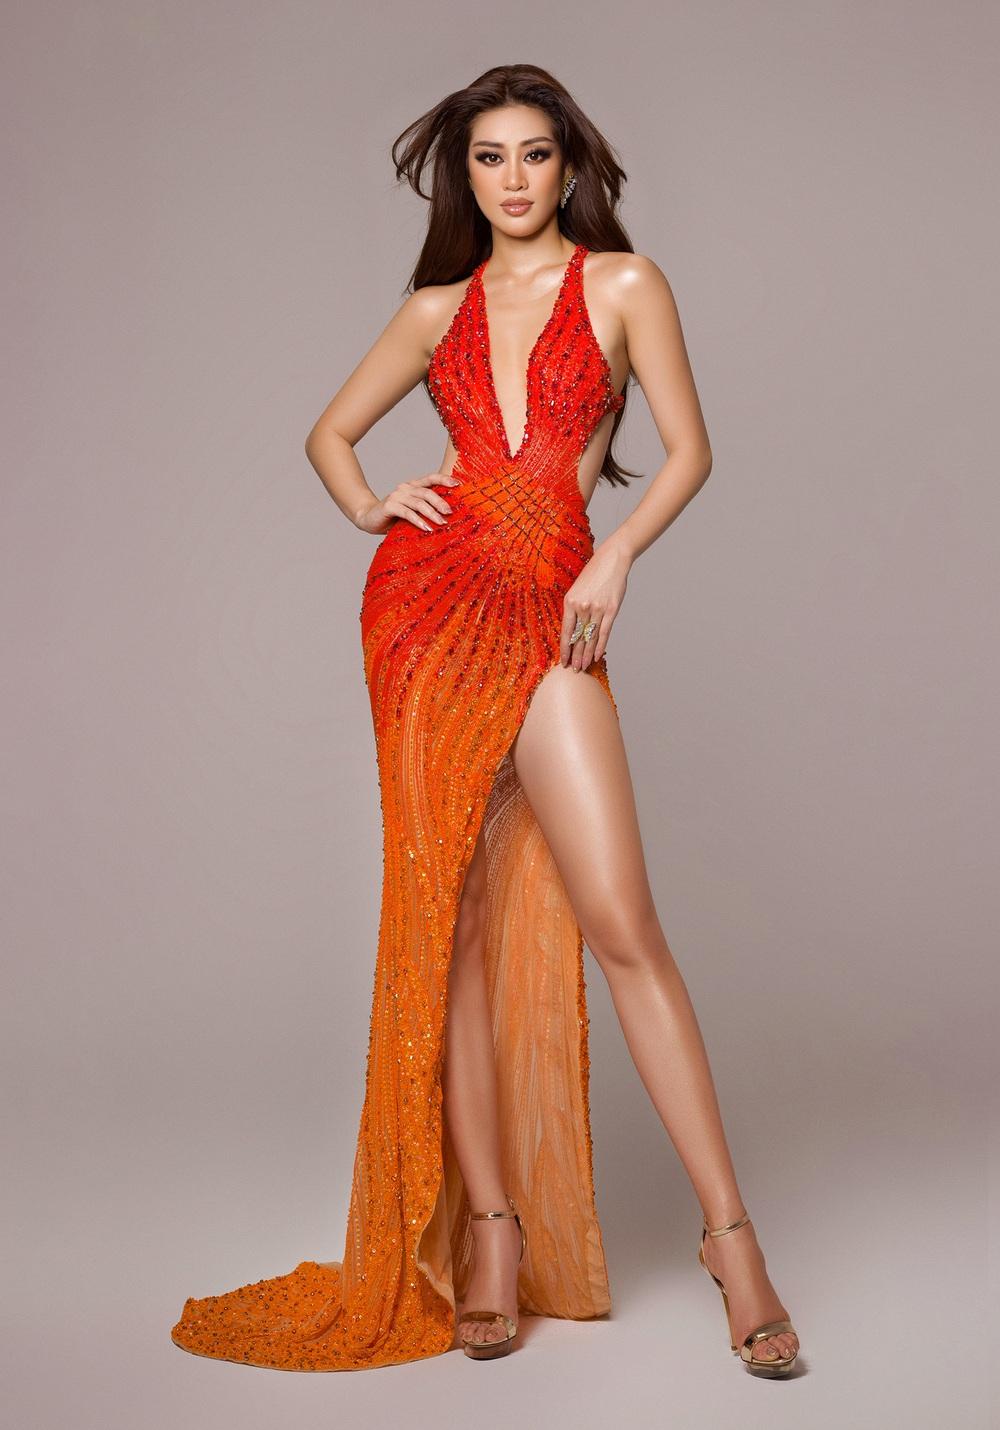 Chính thức lộ diện bộ trang phục đặc biệt Khánh Vân mặc trong chung kết Hoa hậu Hoàn vũ - Ảnh 2.